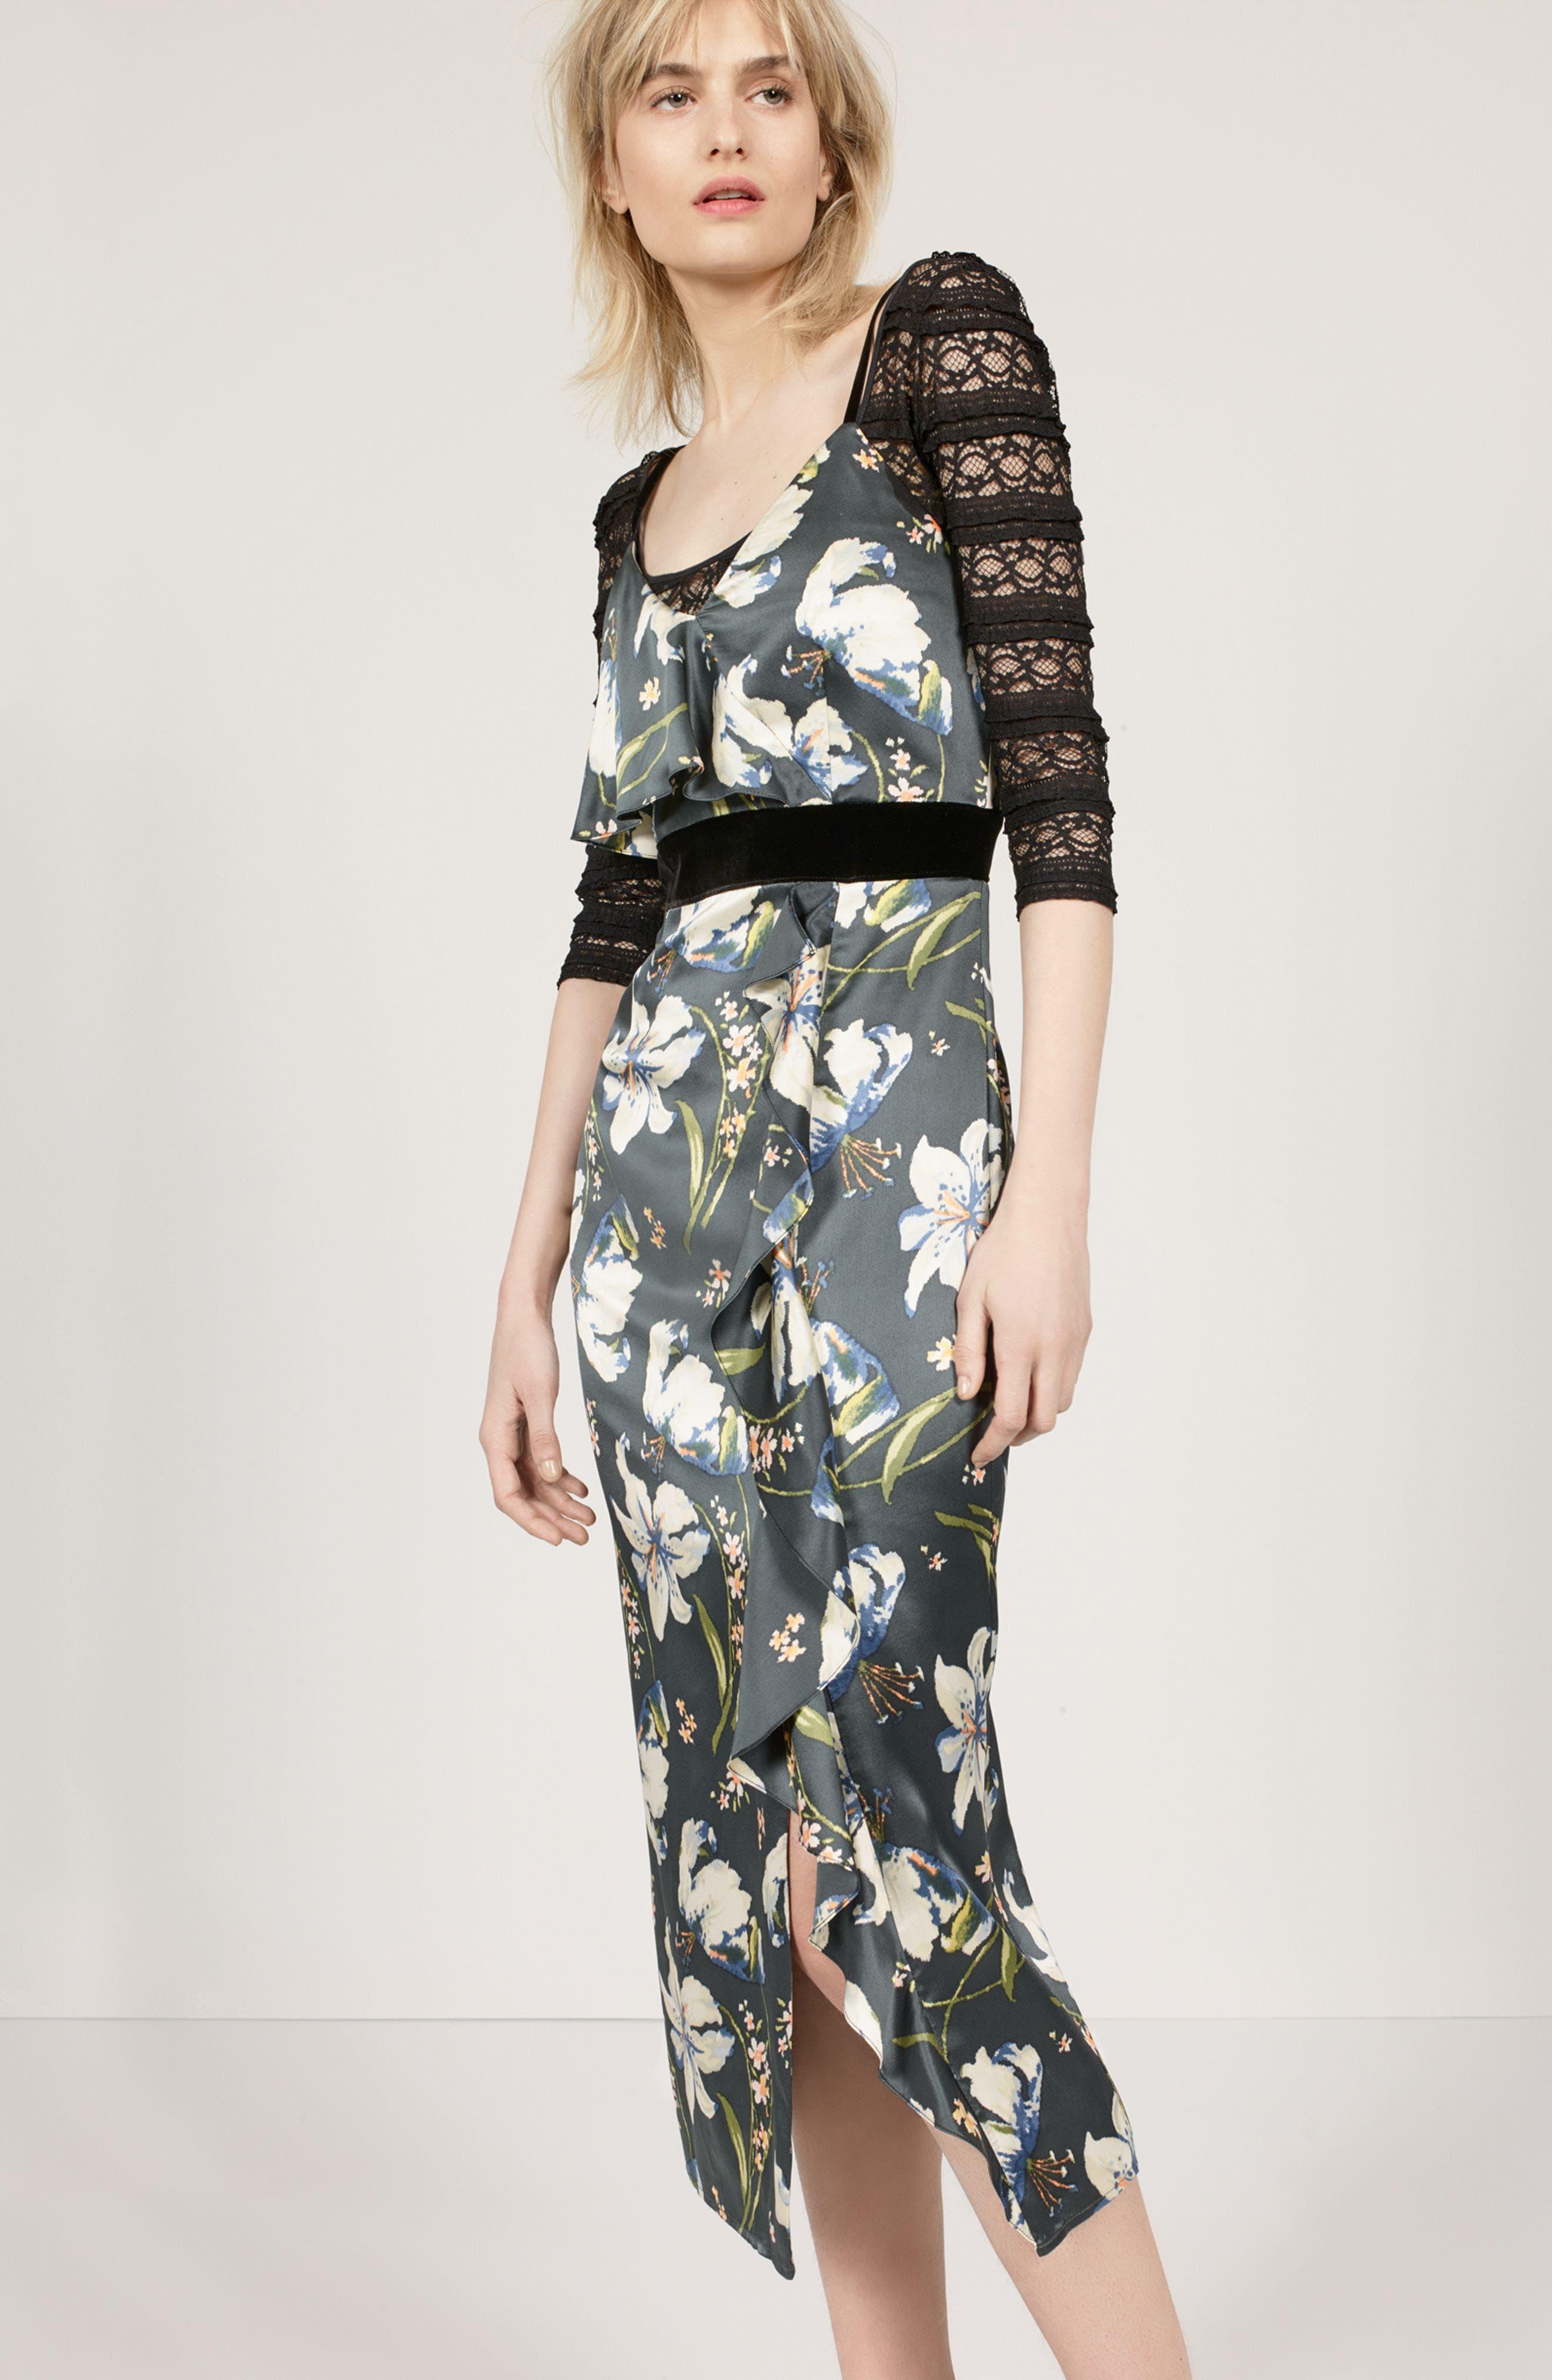 Cinq à Sept Dress & Bodysuit Outfit with Accessories